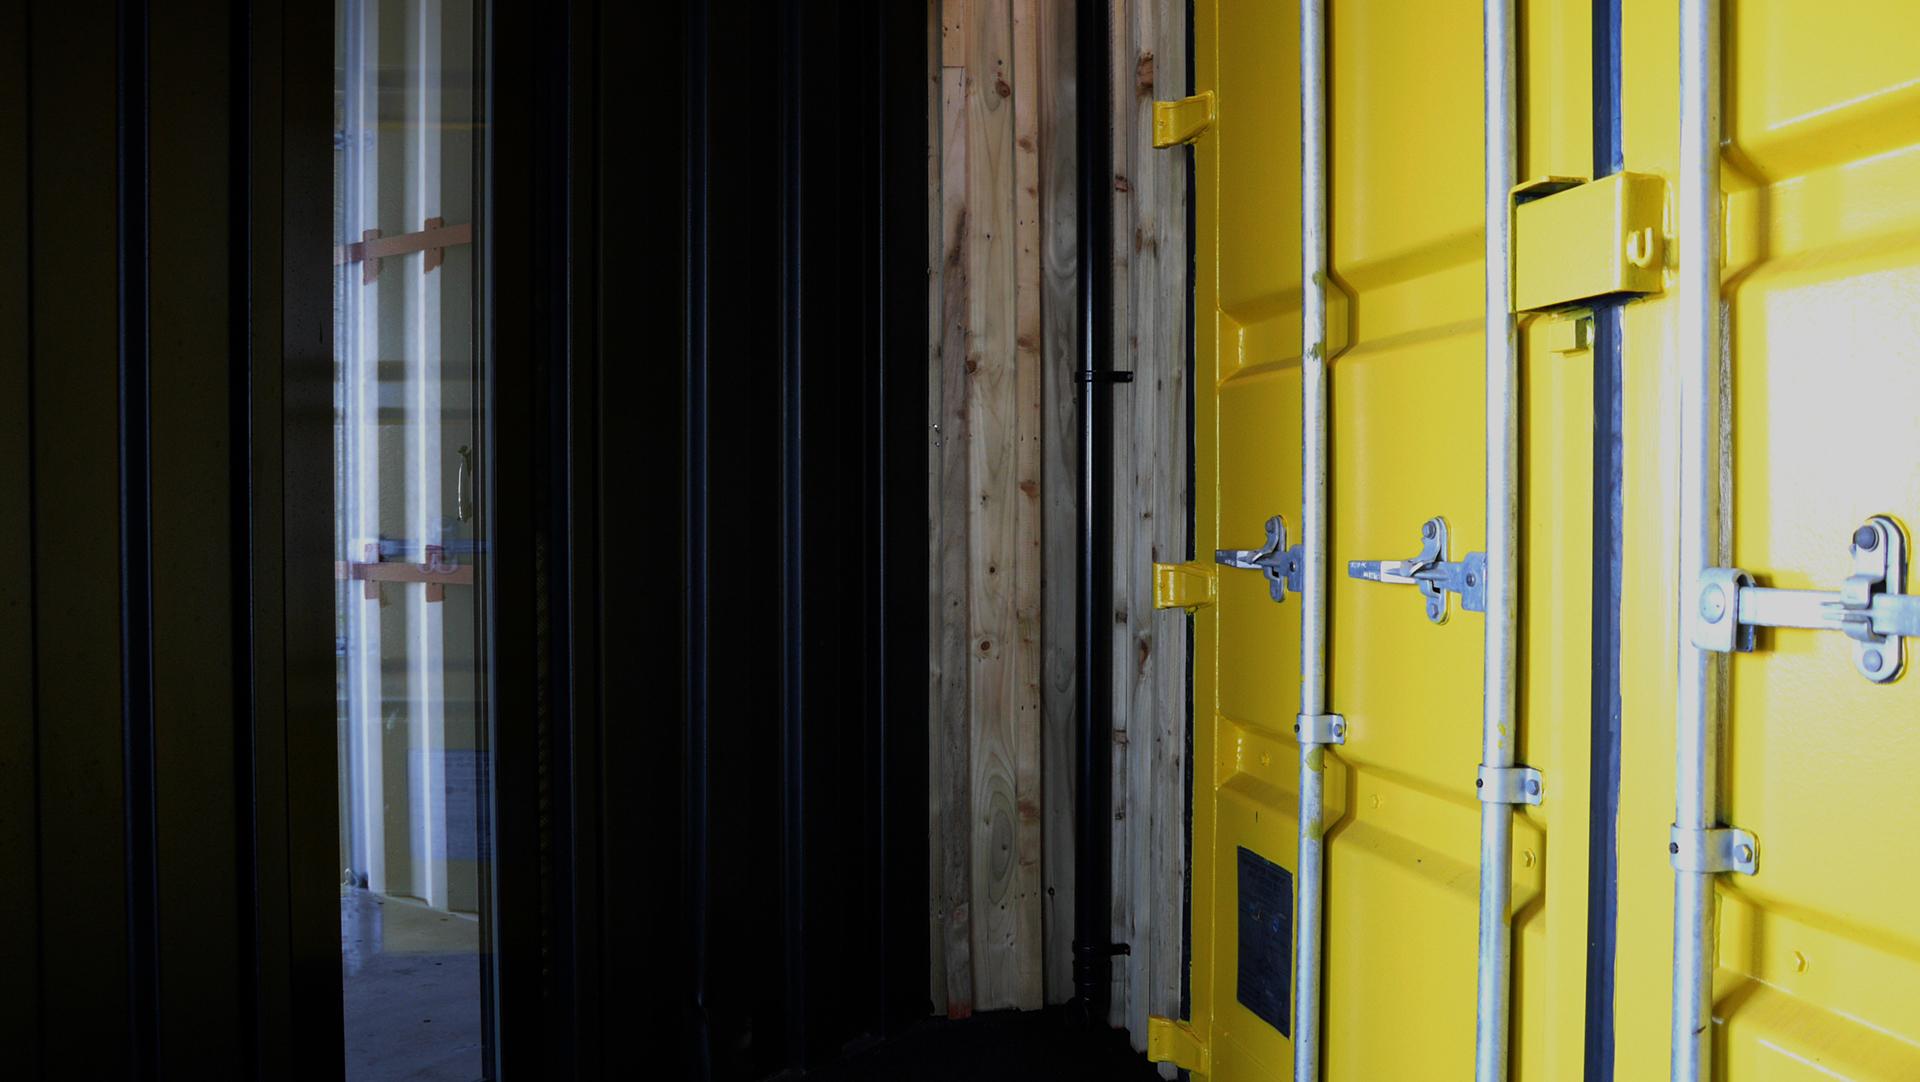 Bebox container doors